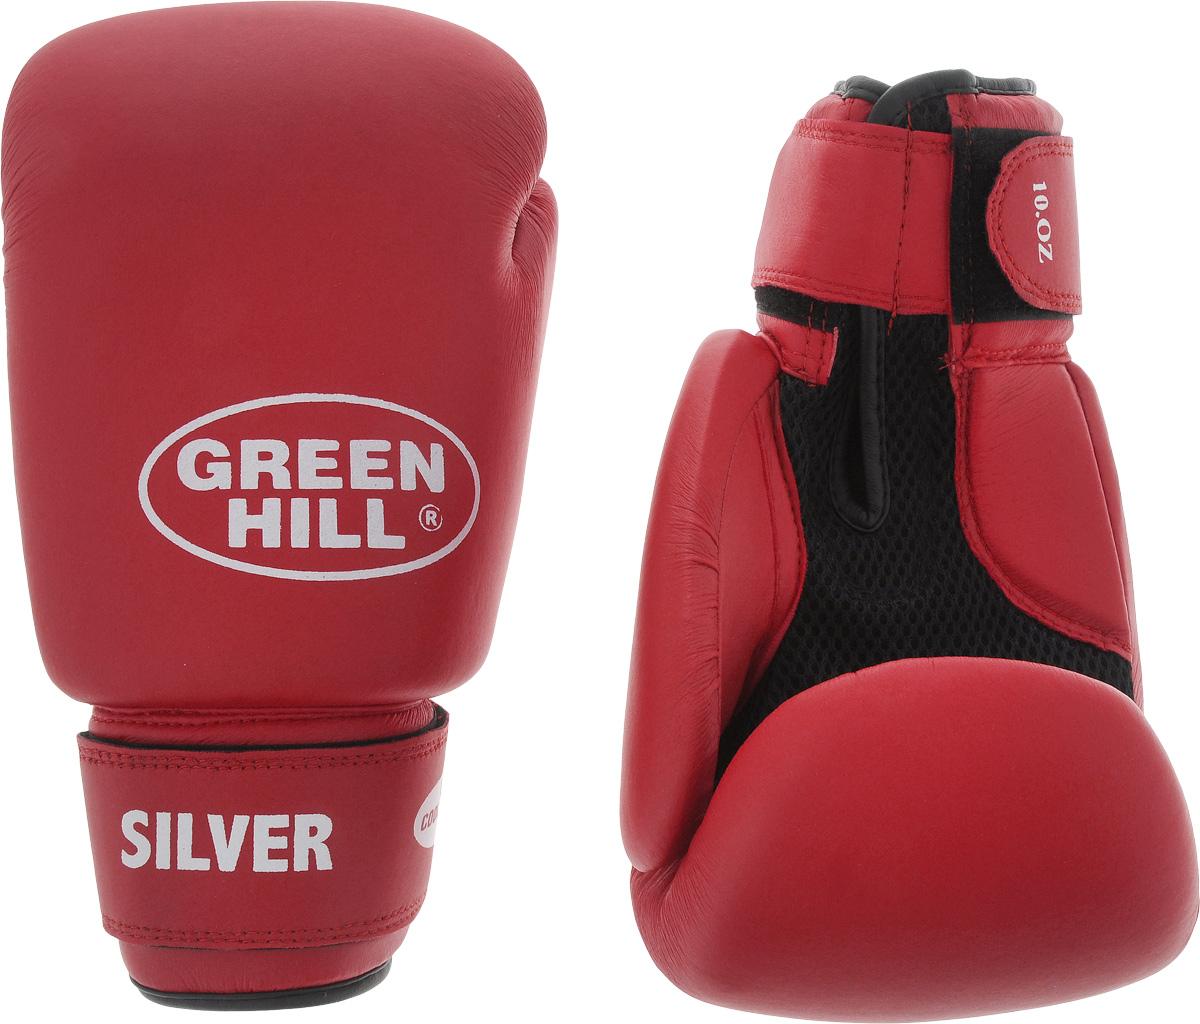 Боксерские перчатки Green Hill Silver, цвет: красный, черный. Размер 10 унций. BGS-2039BGS-2039Боксерские перчатки Green Hill Silver подойдут для легких спаррингов и тренировок. Верх выполнен из высококачественной искусственной кожи, наполнитель - из вспененного полимера. Материал на ладони выполнен по технологии, которая позволяет руке дышать. Манжет на липучке способствует быстрому и удобному надеванию перчаток, плотно фиксирует перчатки на руке.